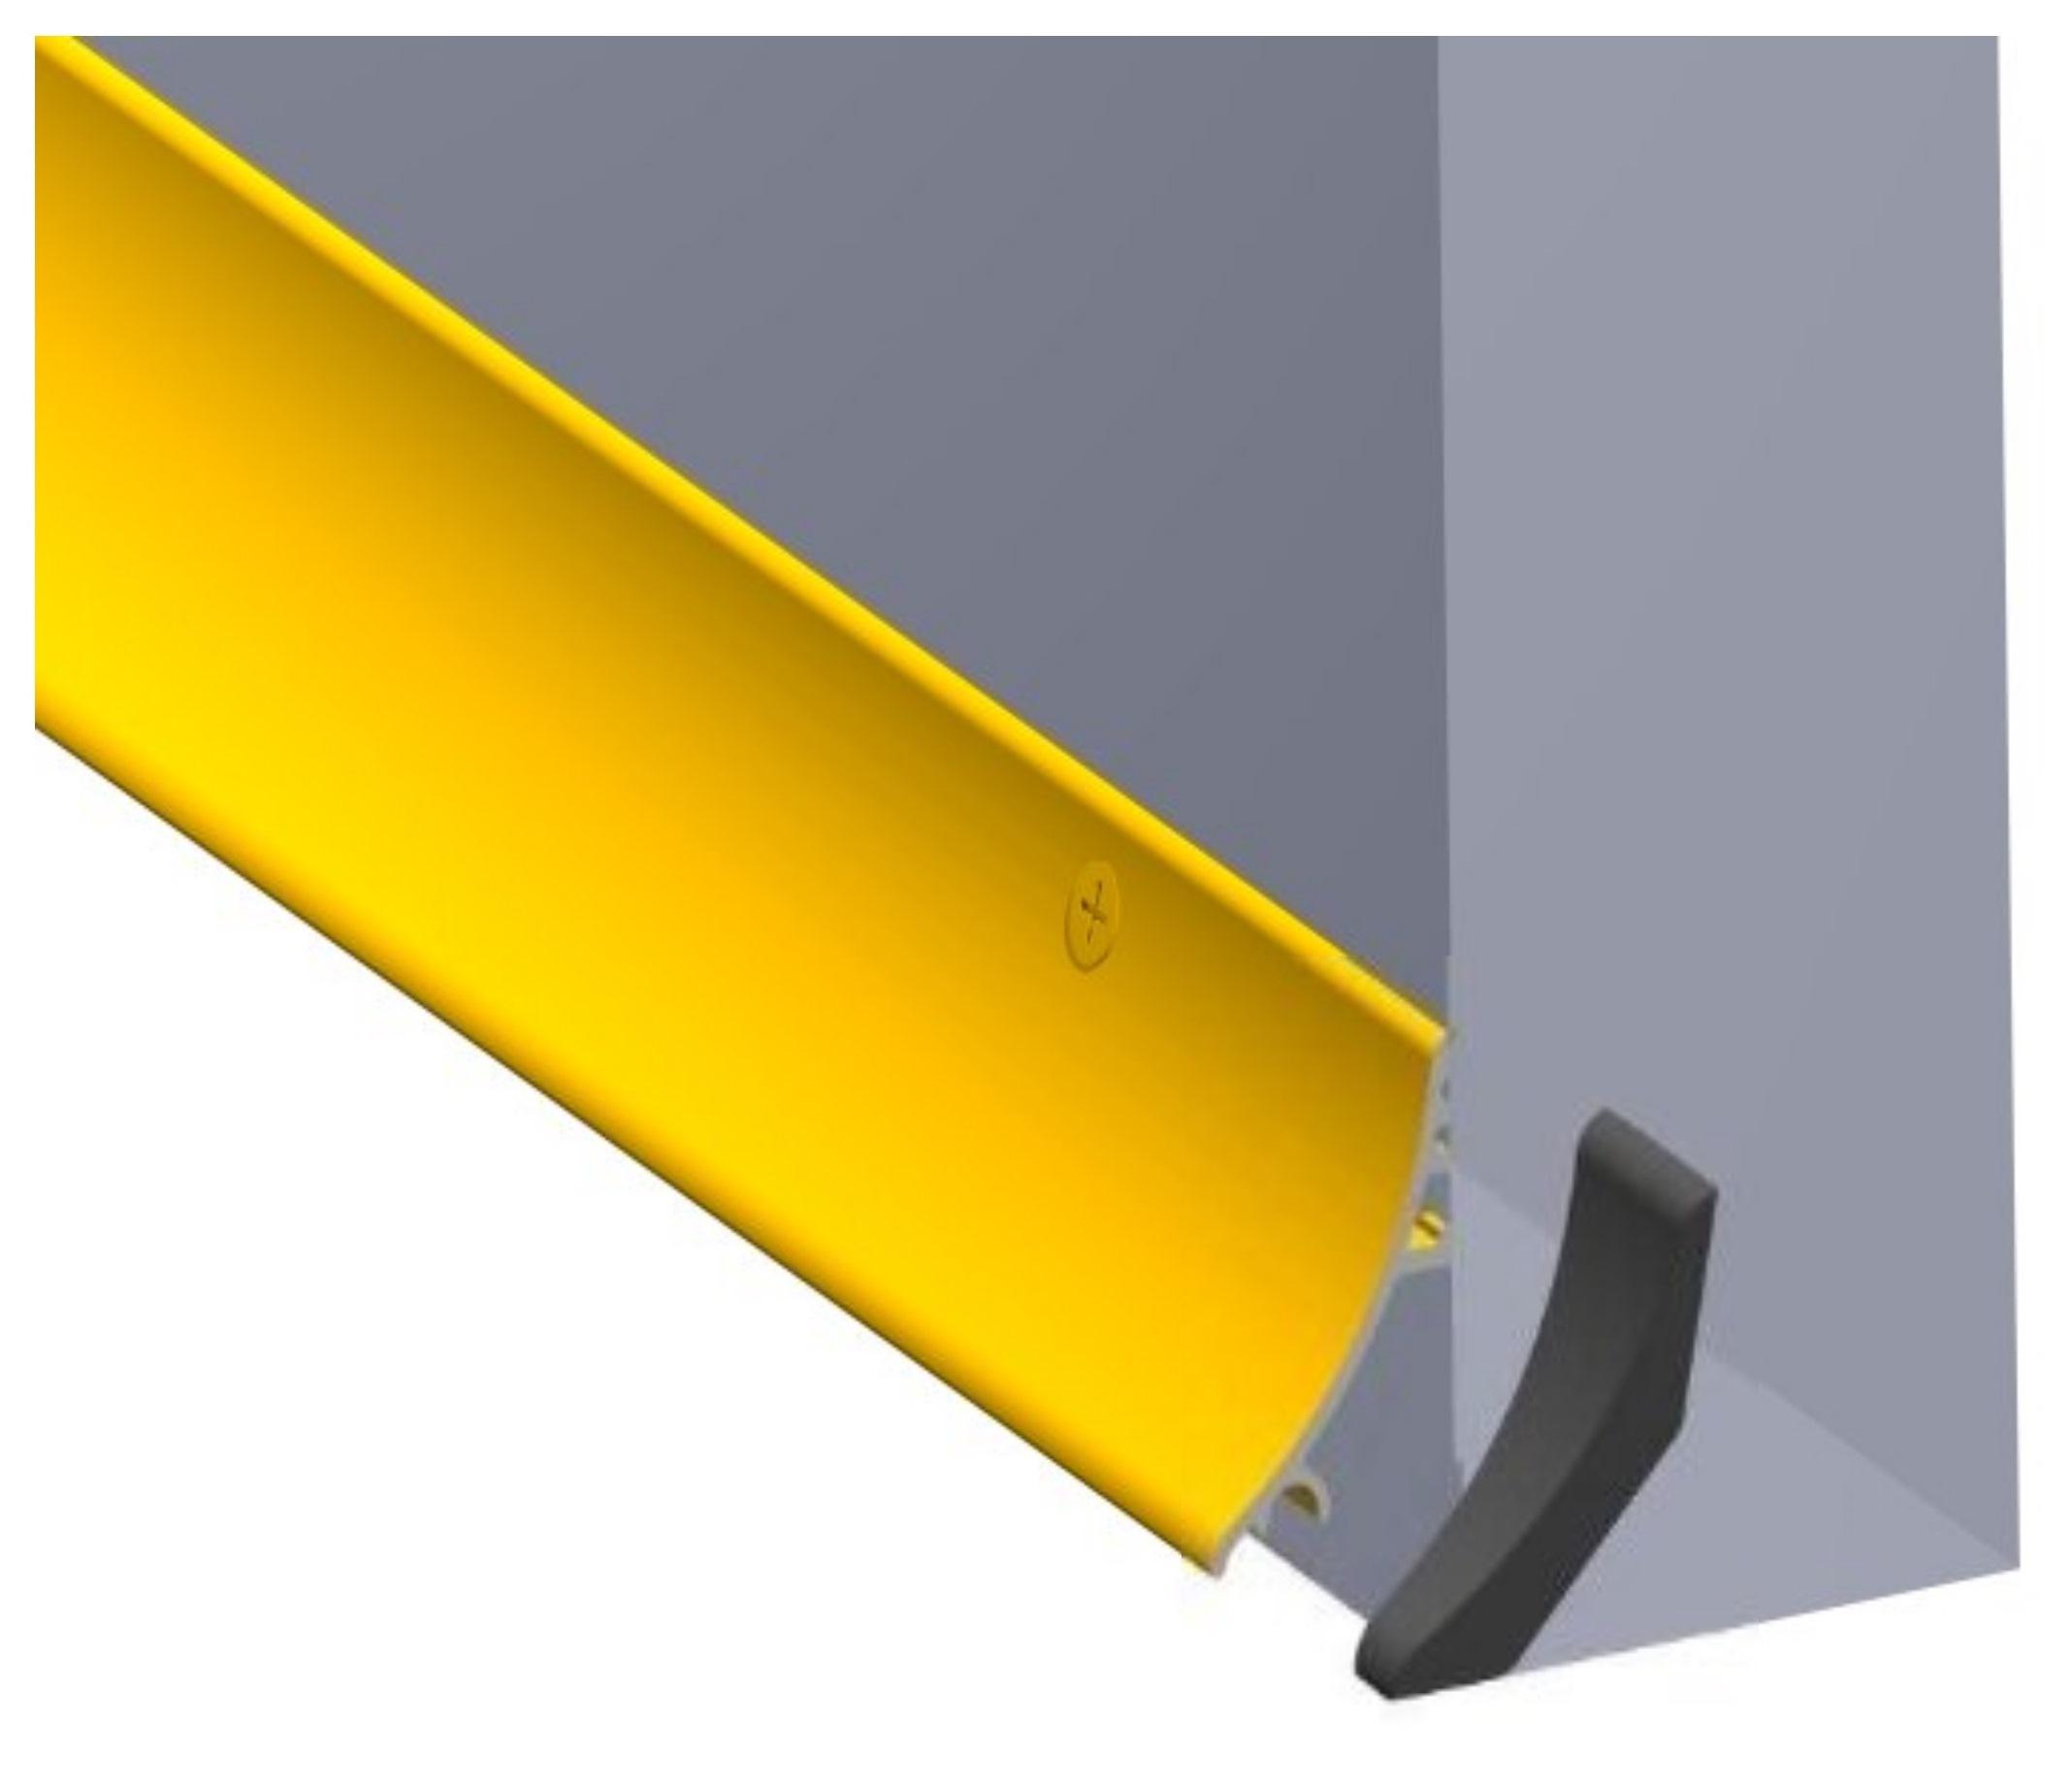 rain deflector 914mm 36 door weather drip bar stops water wind ingress. Black Bedroom Furniture Sets. Home Design Ideas